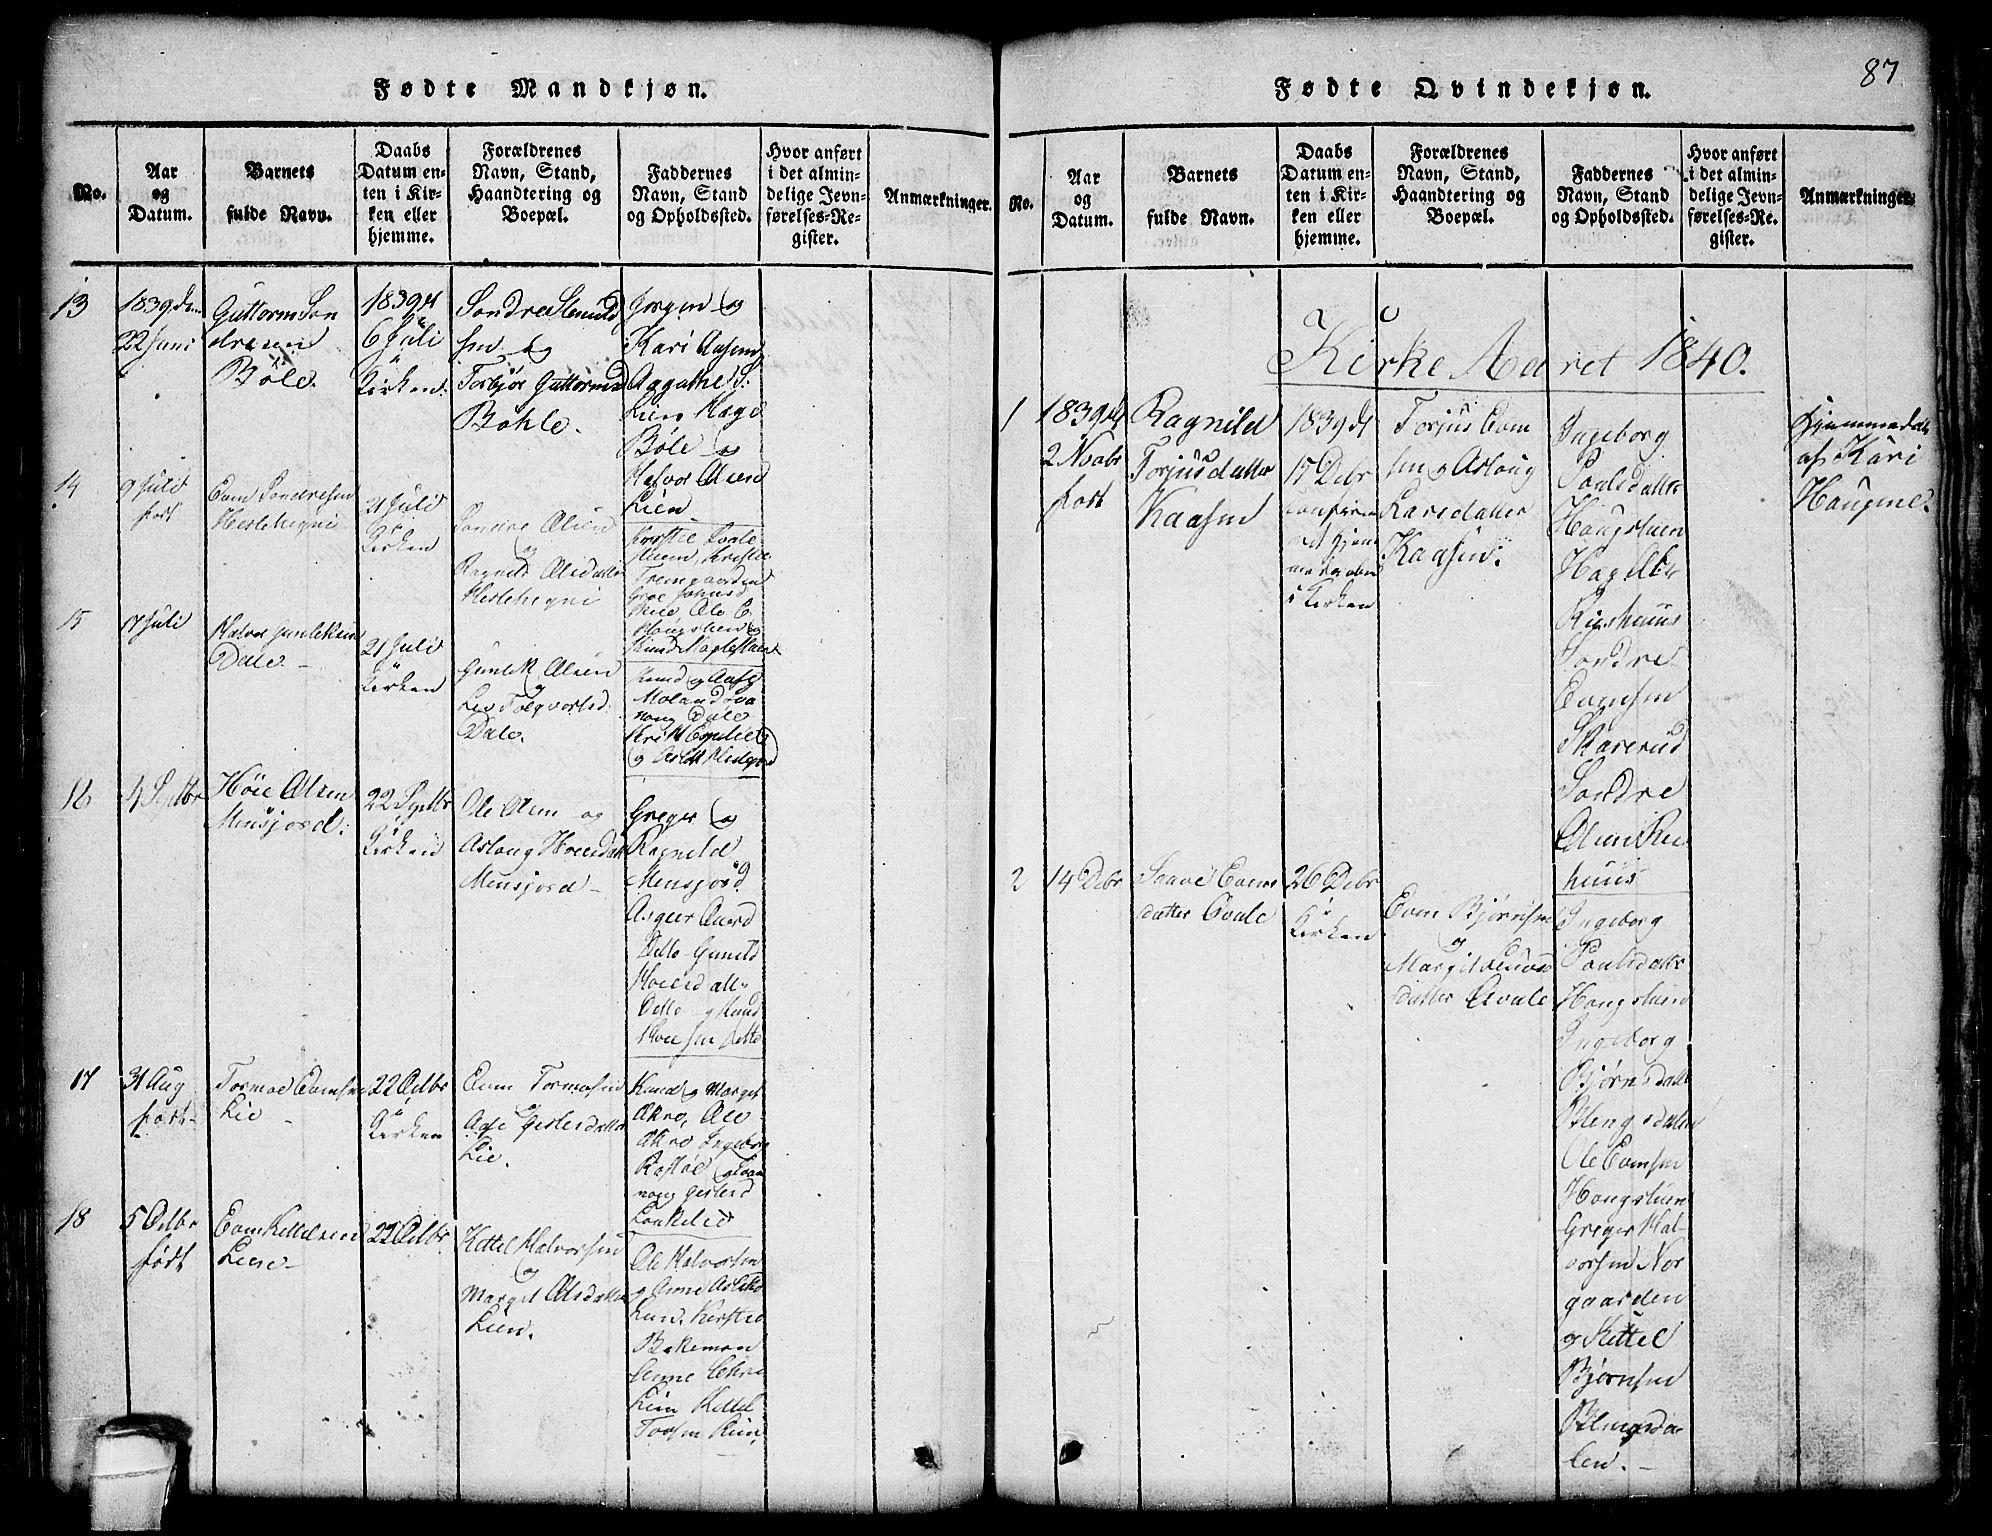 SAKO, Seljord kirkebøker, G/Gb/L0002: Klokkerbok nr. II 2, 1815-1854, s. 87